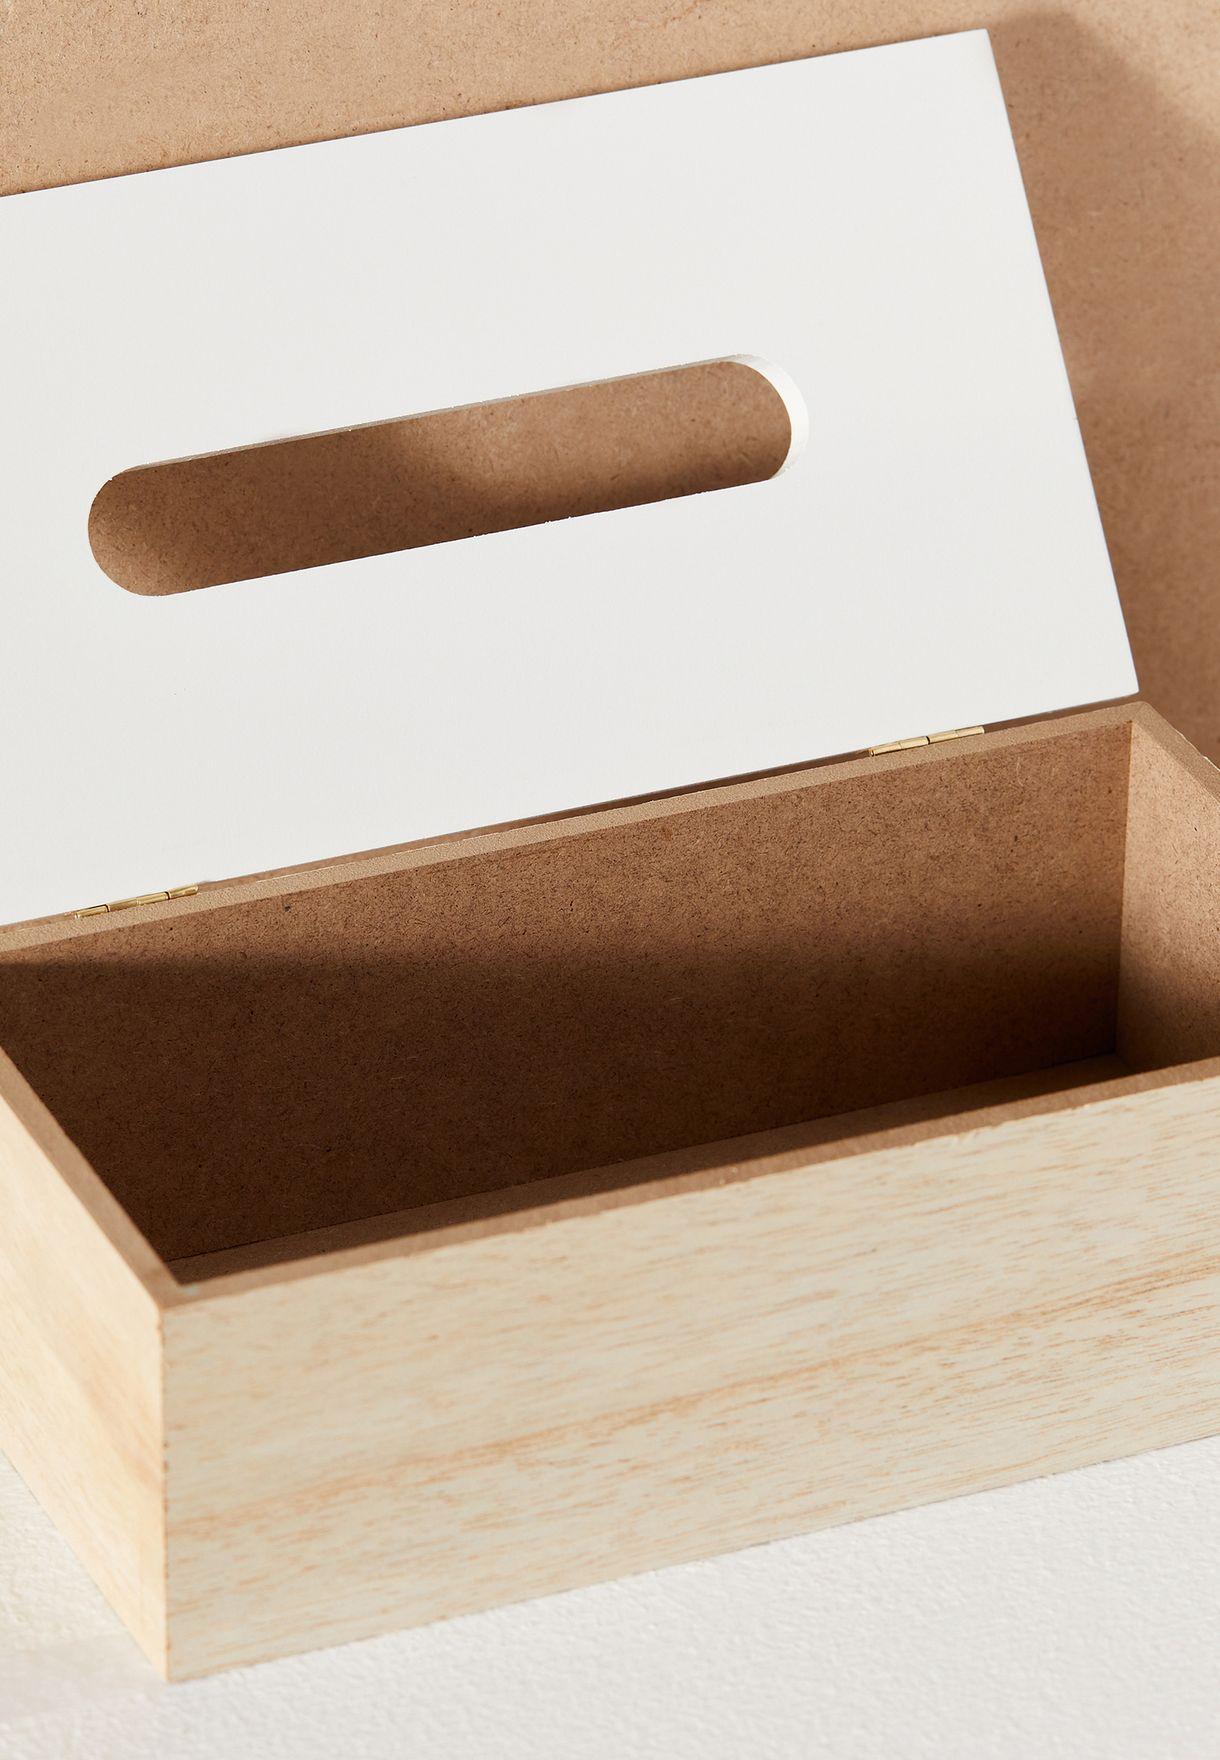 صندوق مناديل ورقية رخامي